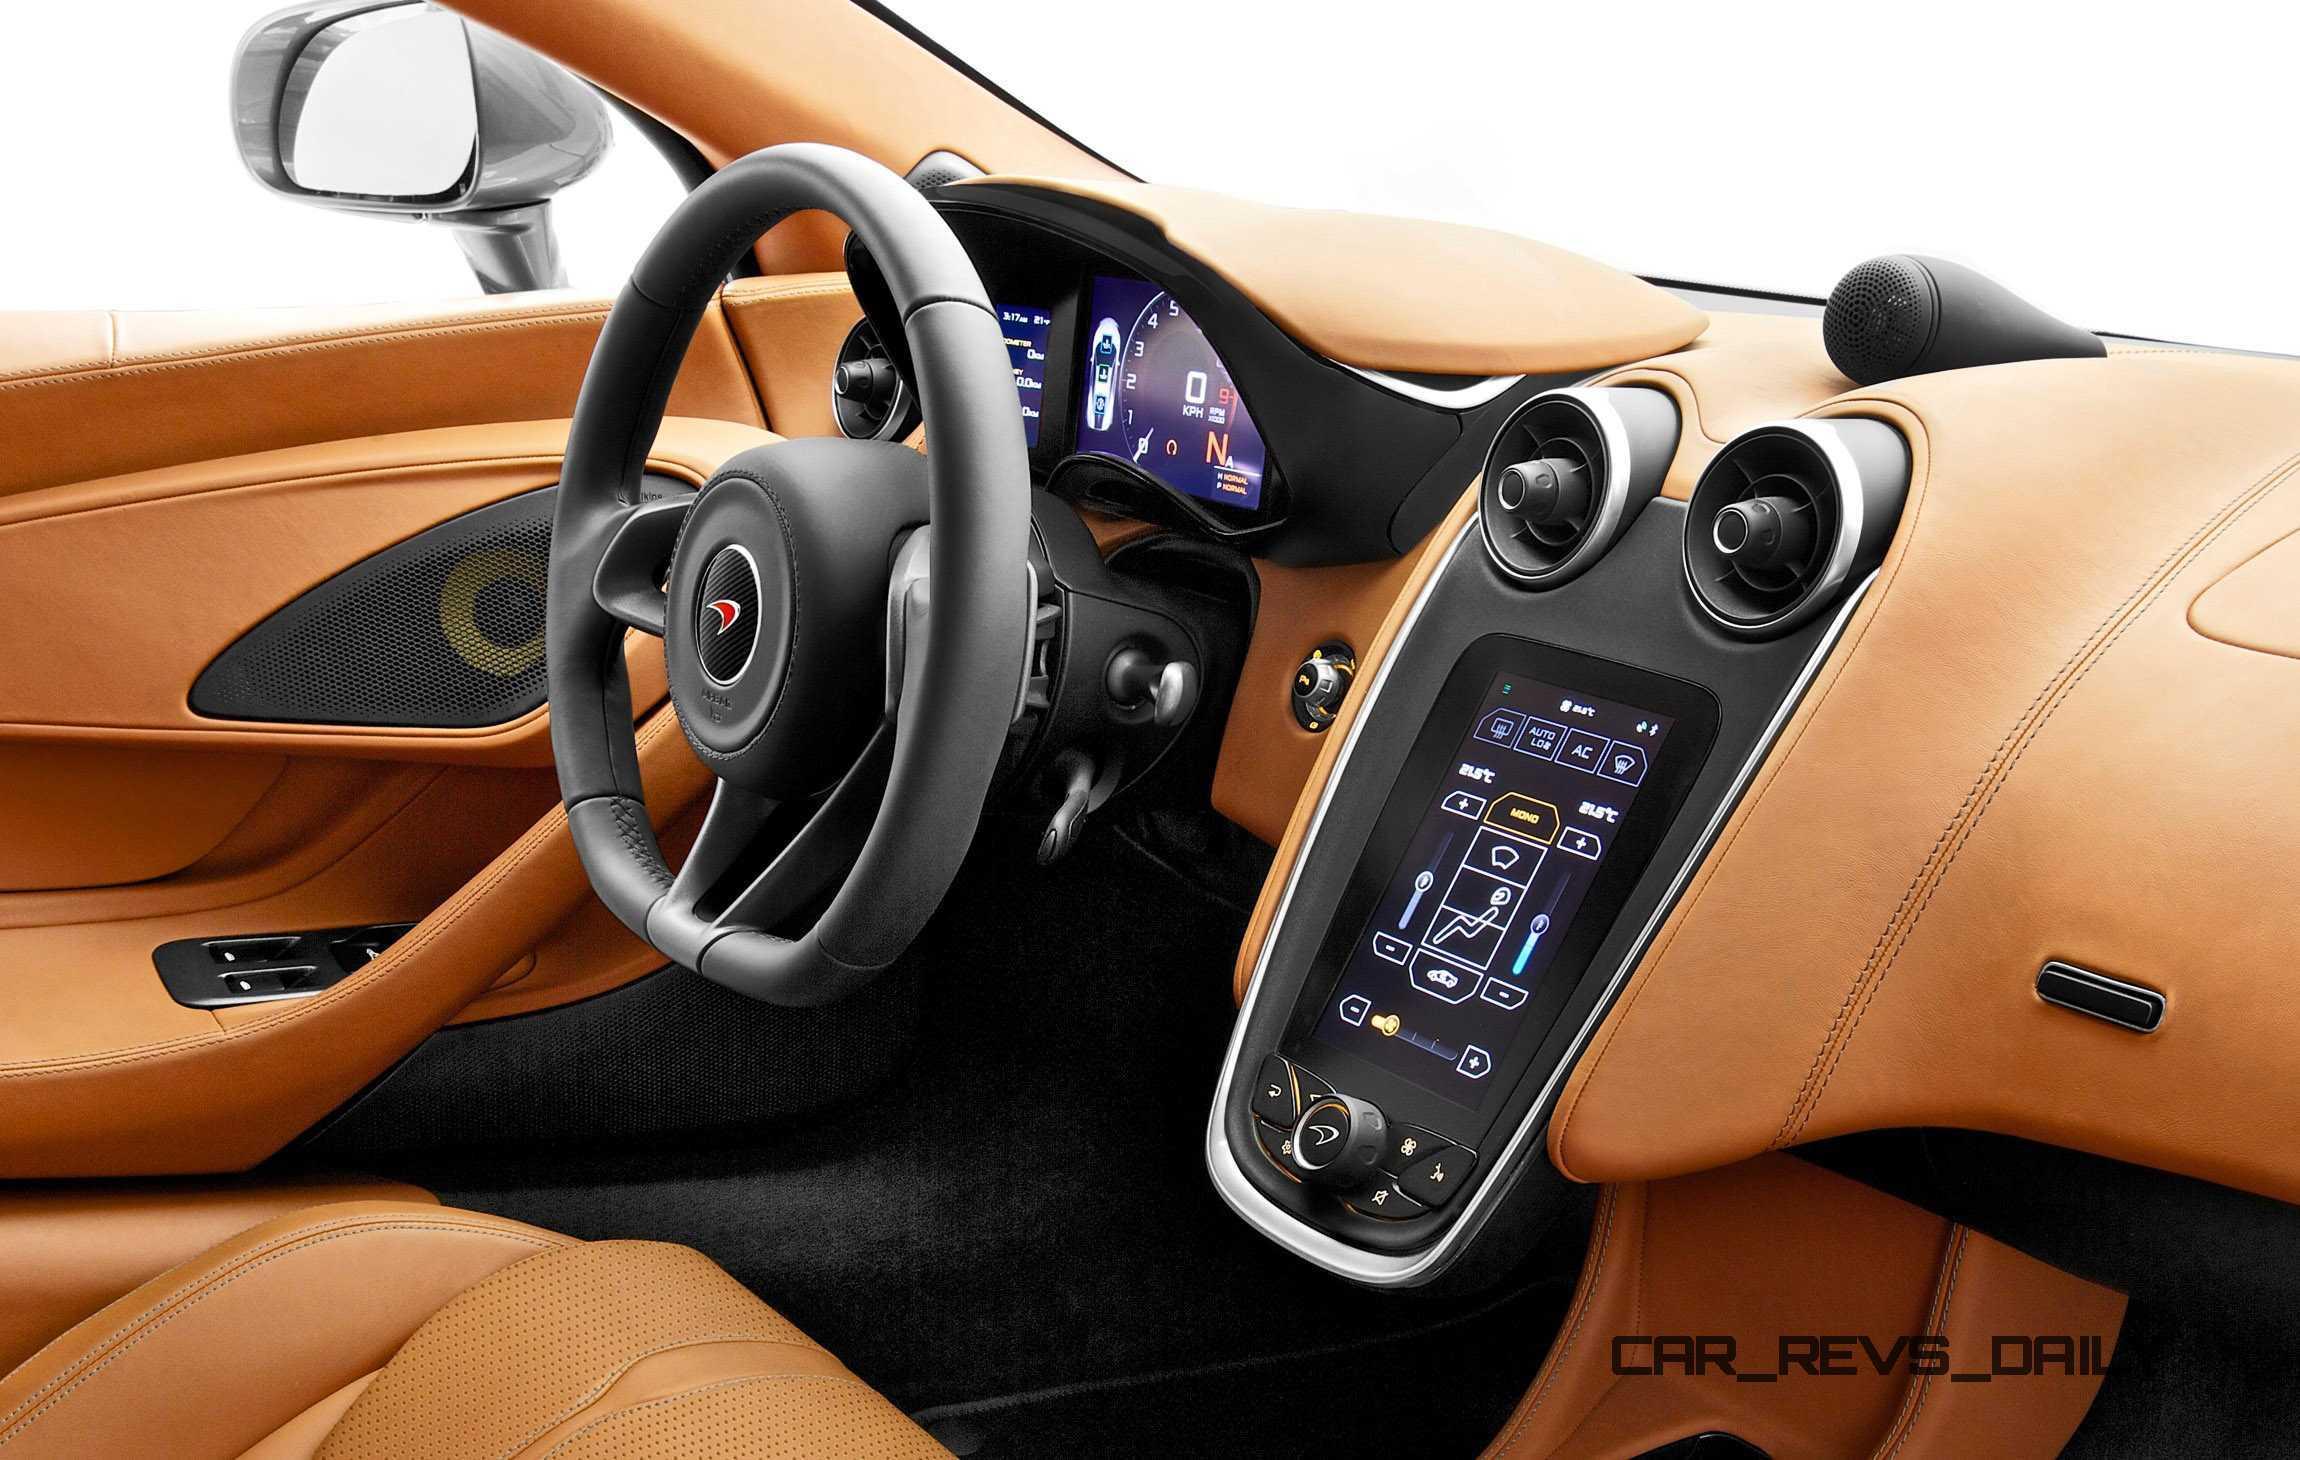 http://www.car-revs-daily.com/wp-content/uploads/2015/03/2016-McLaren-570S-19.jpg